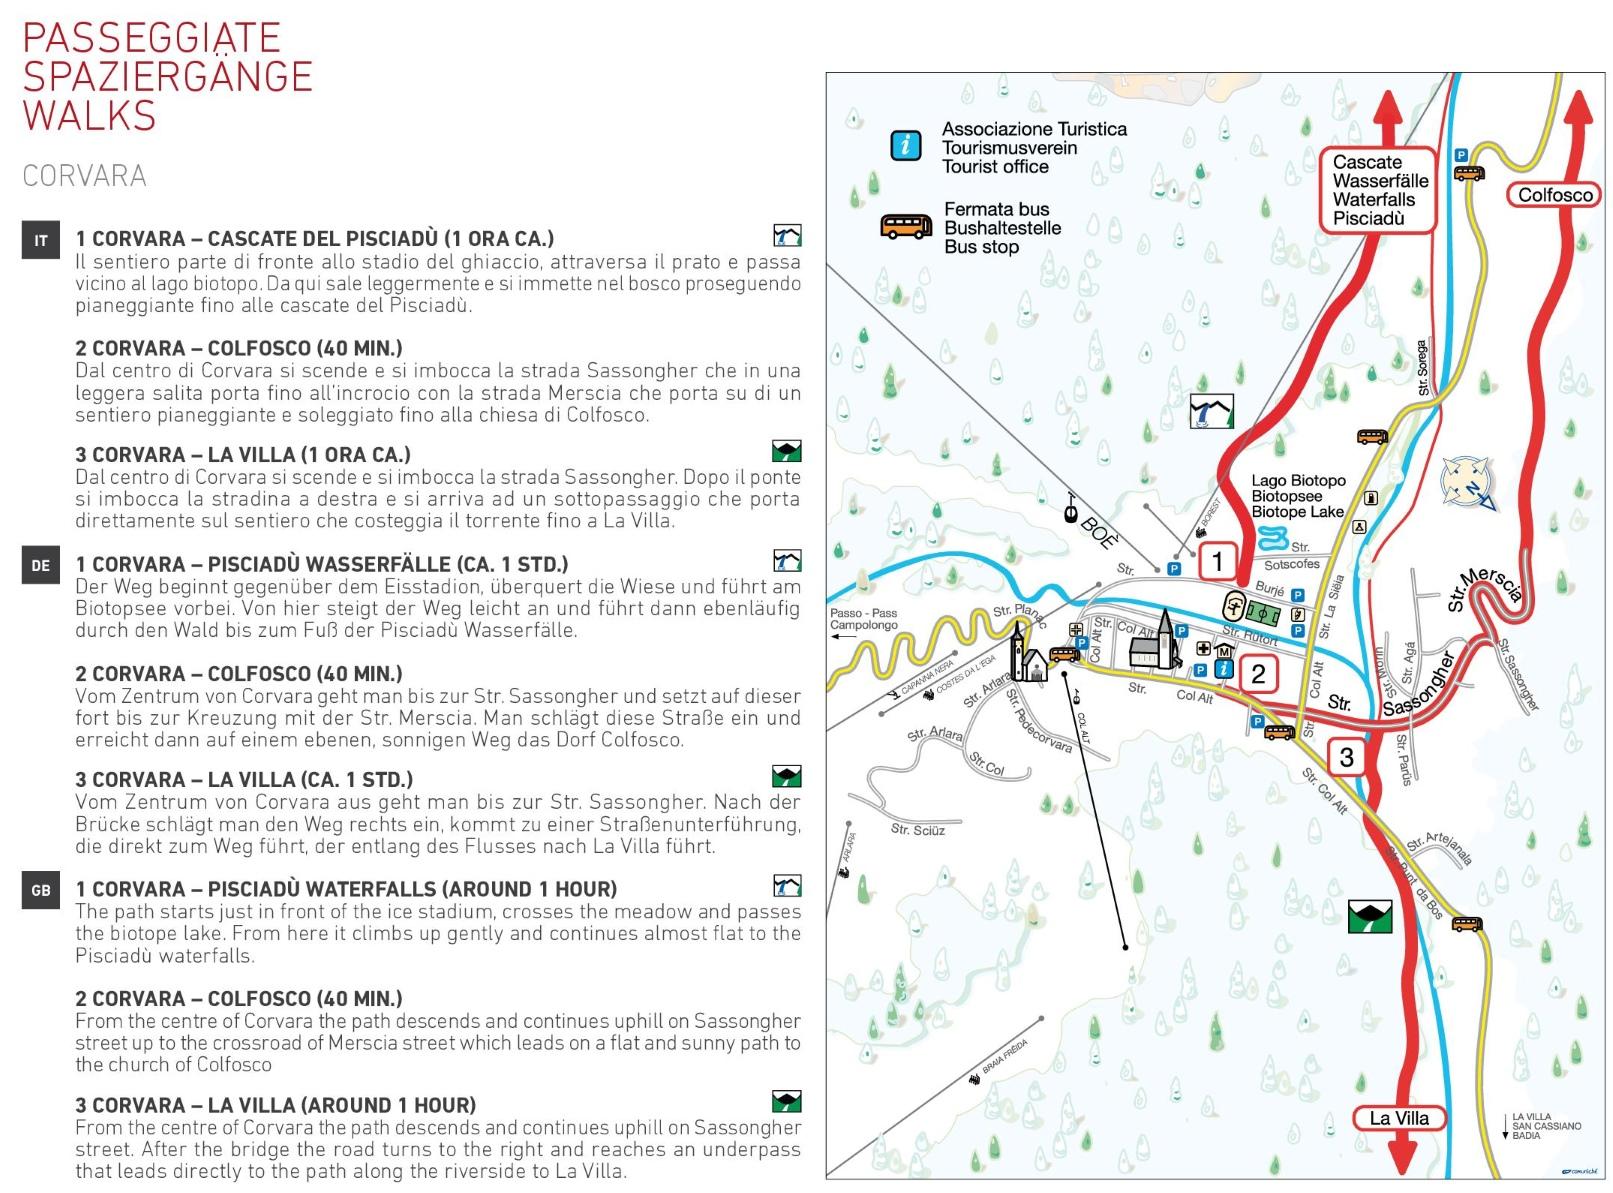 Corvara walks map